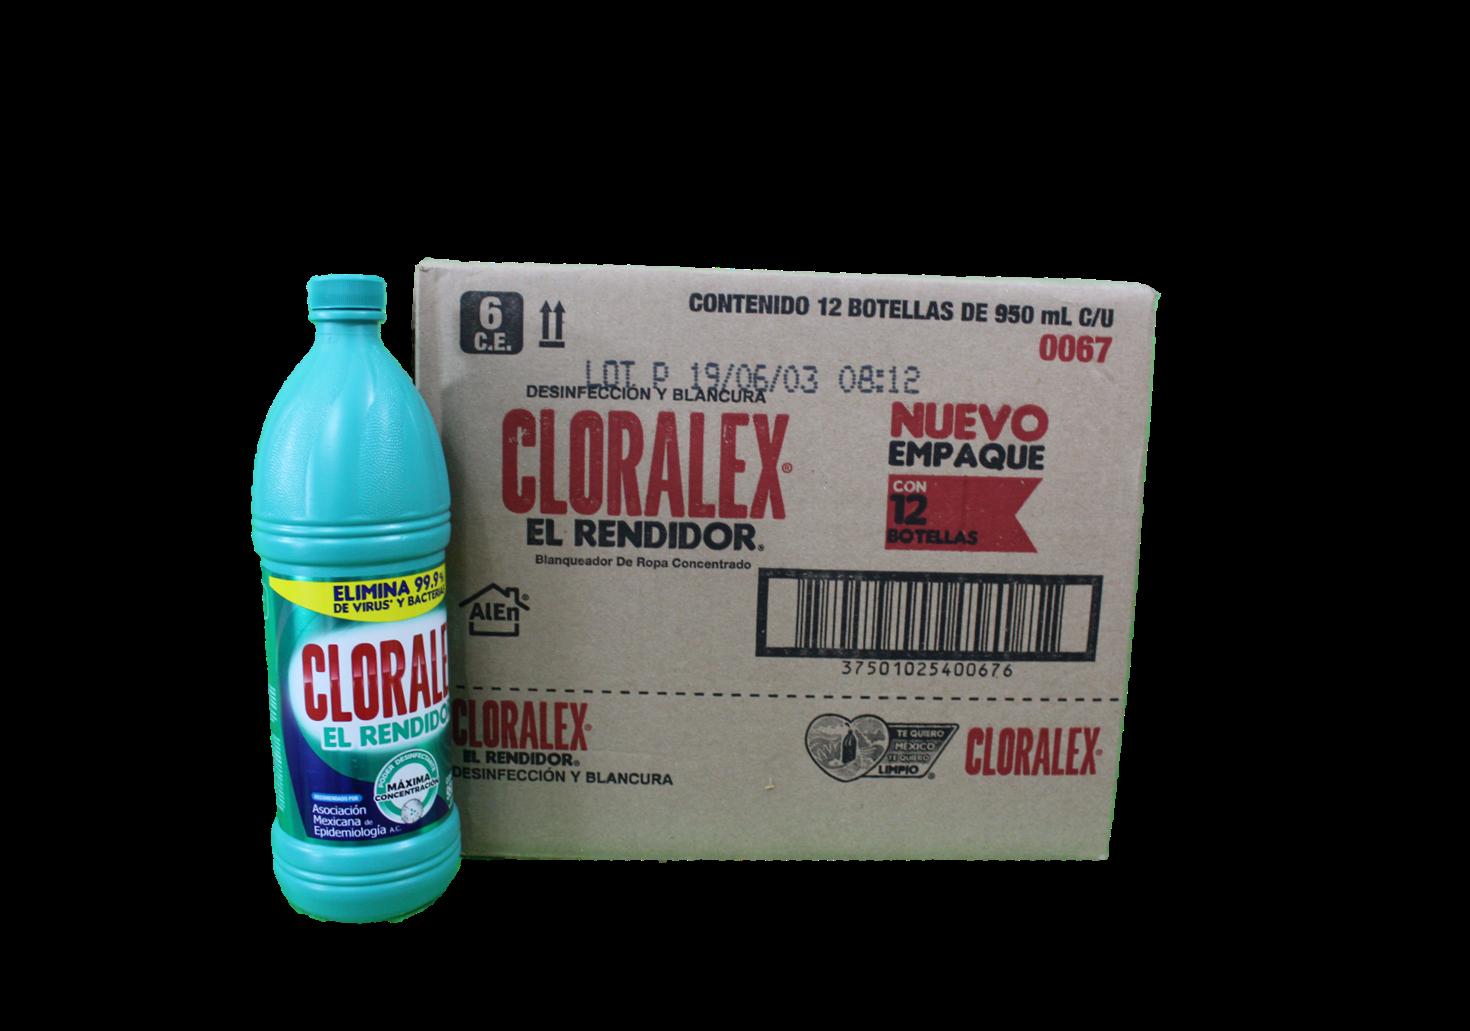 CLORALEX